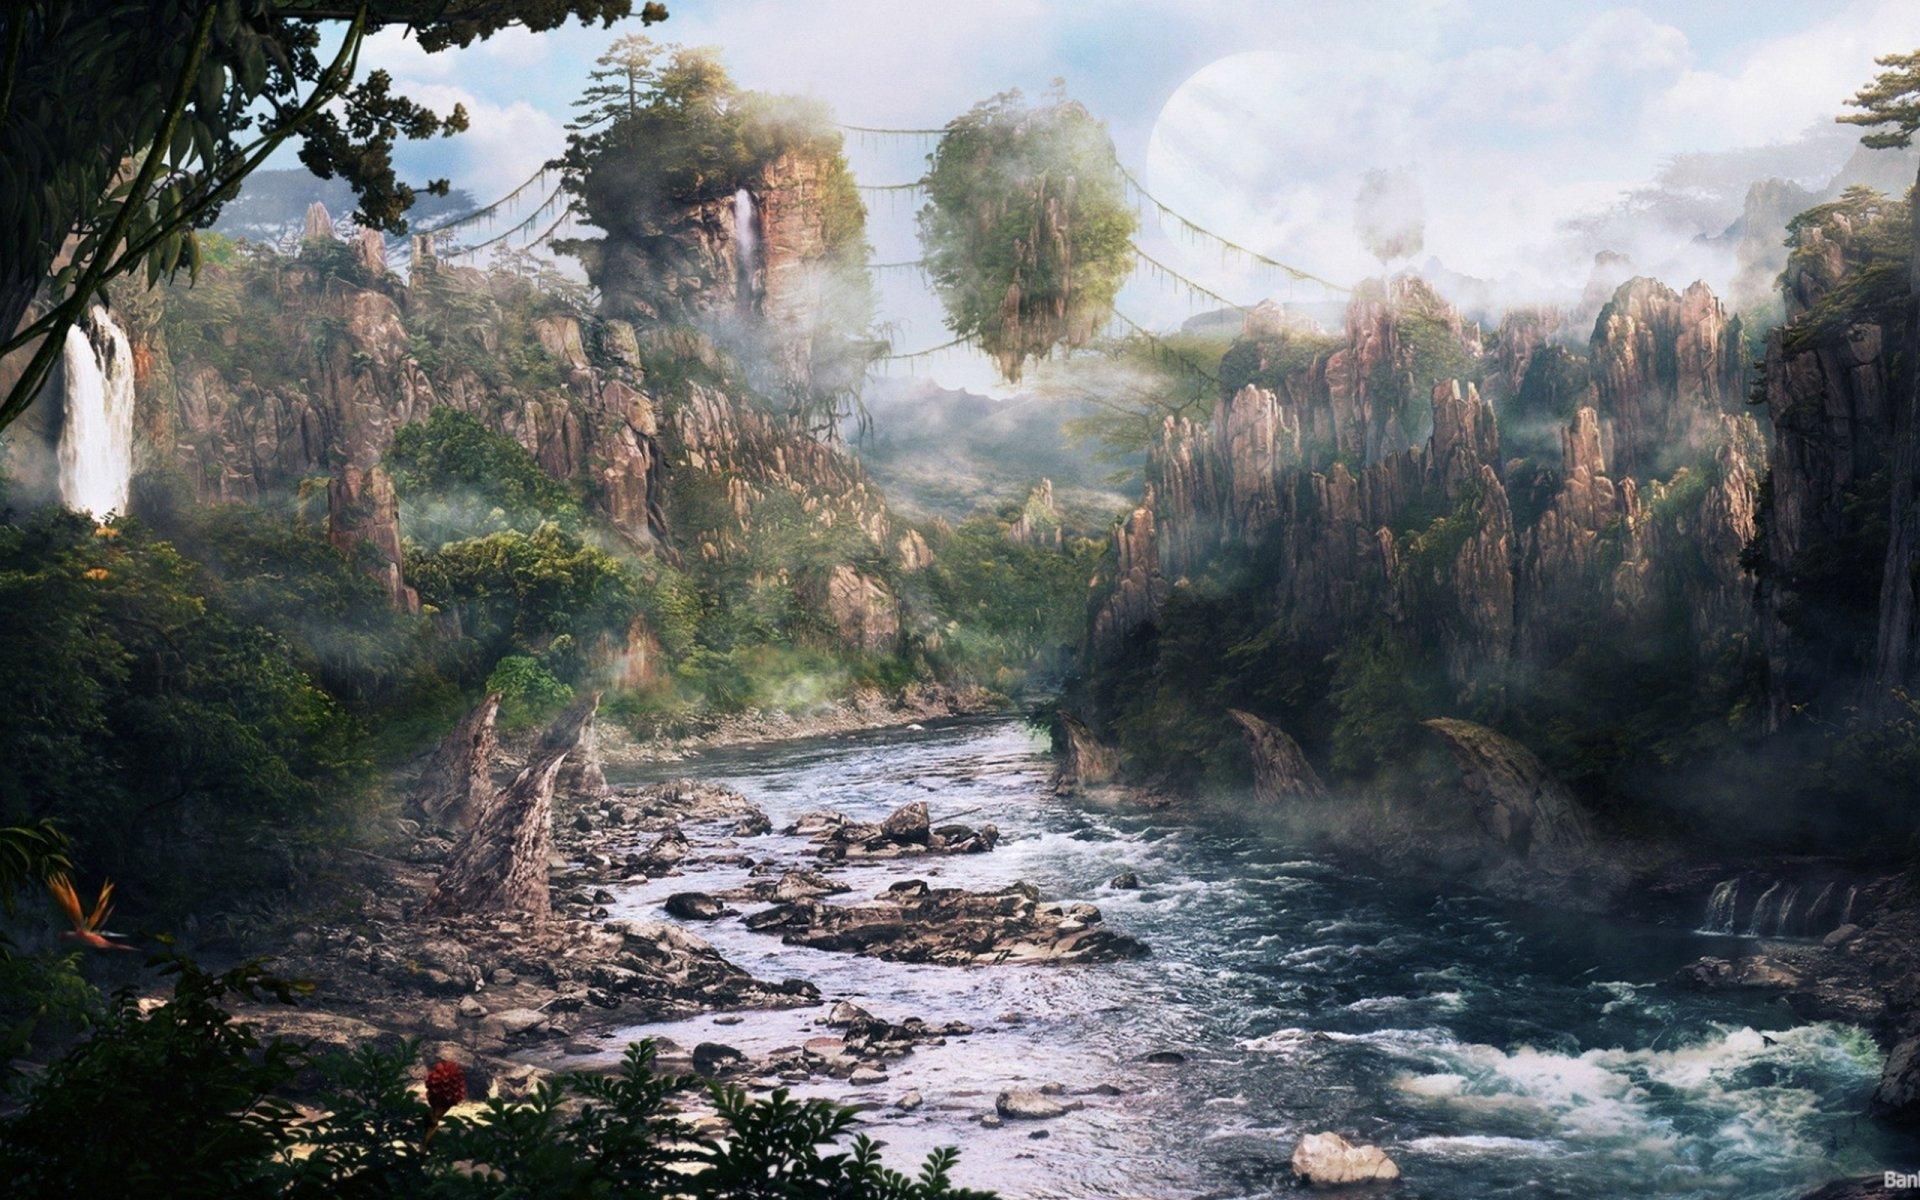 Movie - Avatar  Landscape Scenic Mountain Cliff Surreal Island River Wallpaper